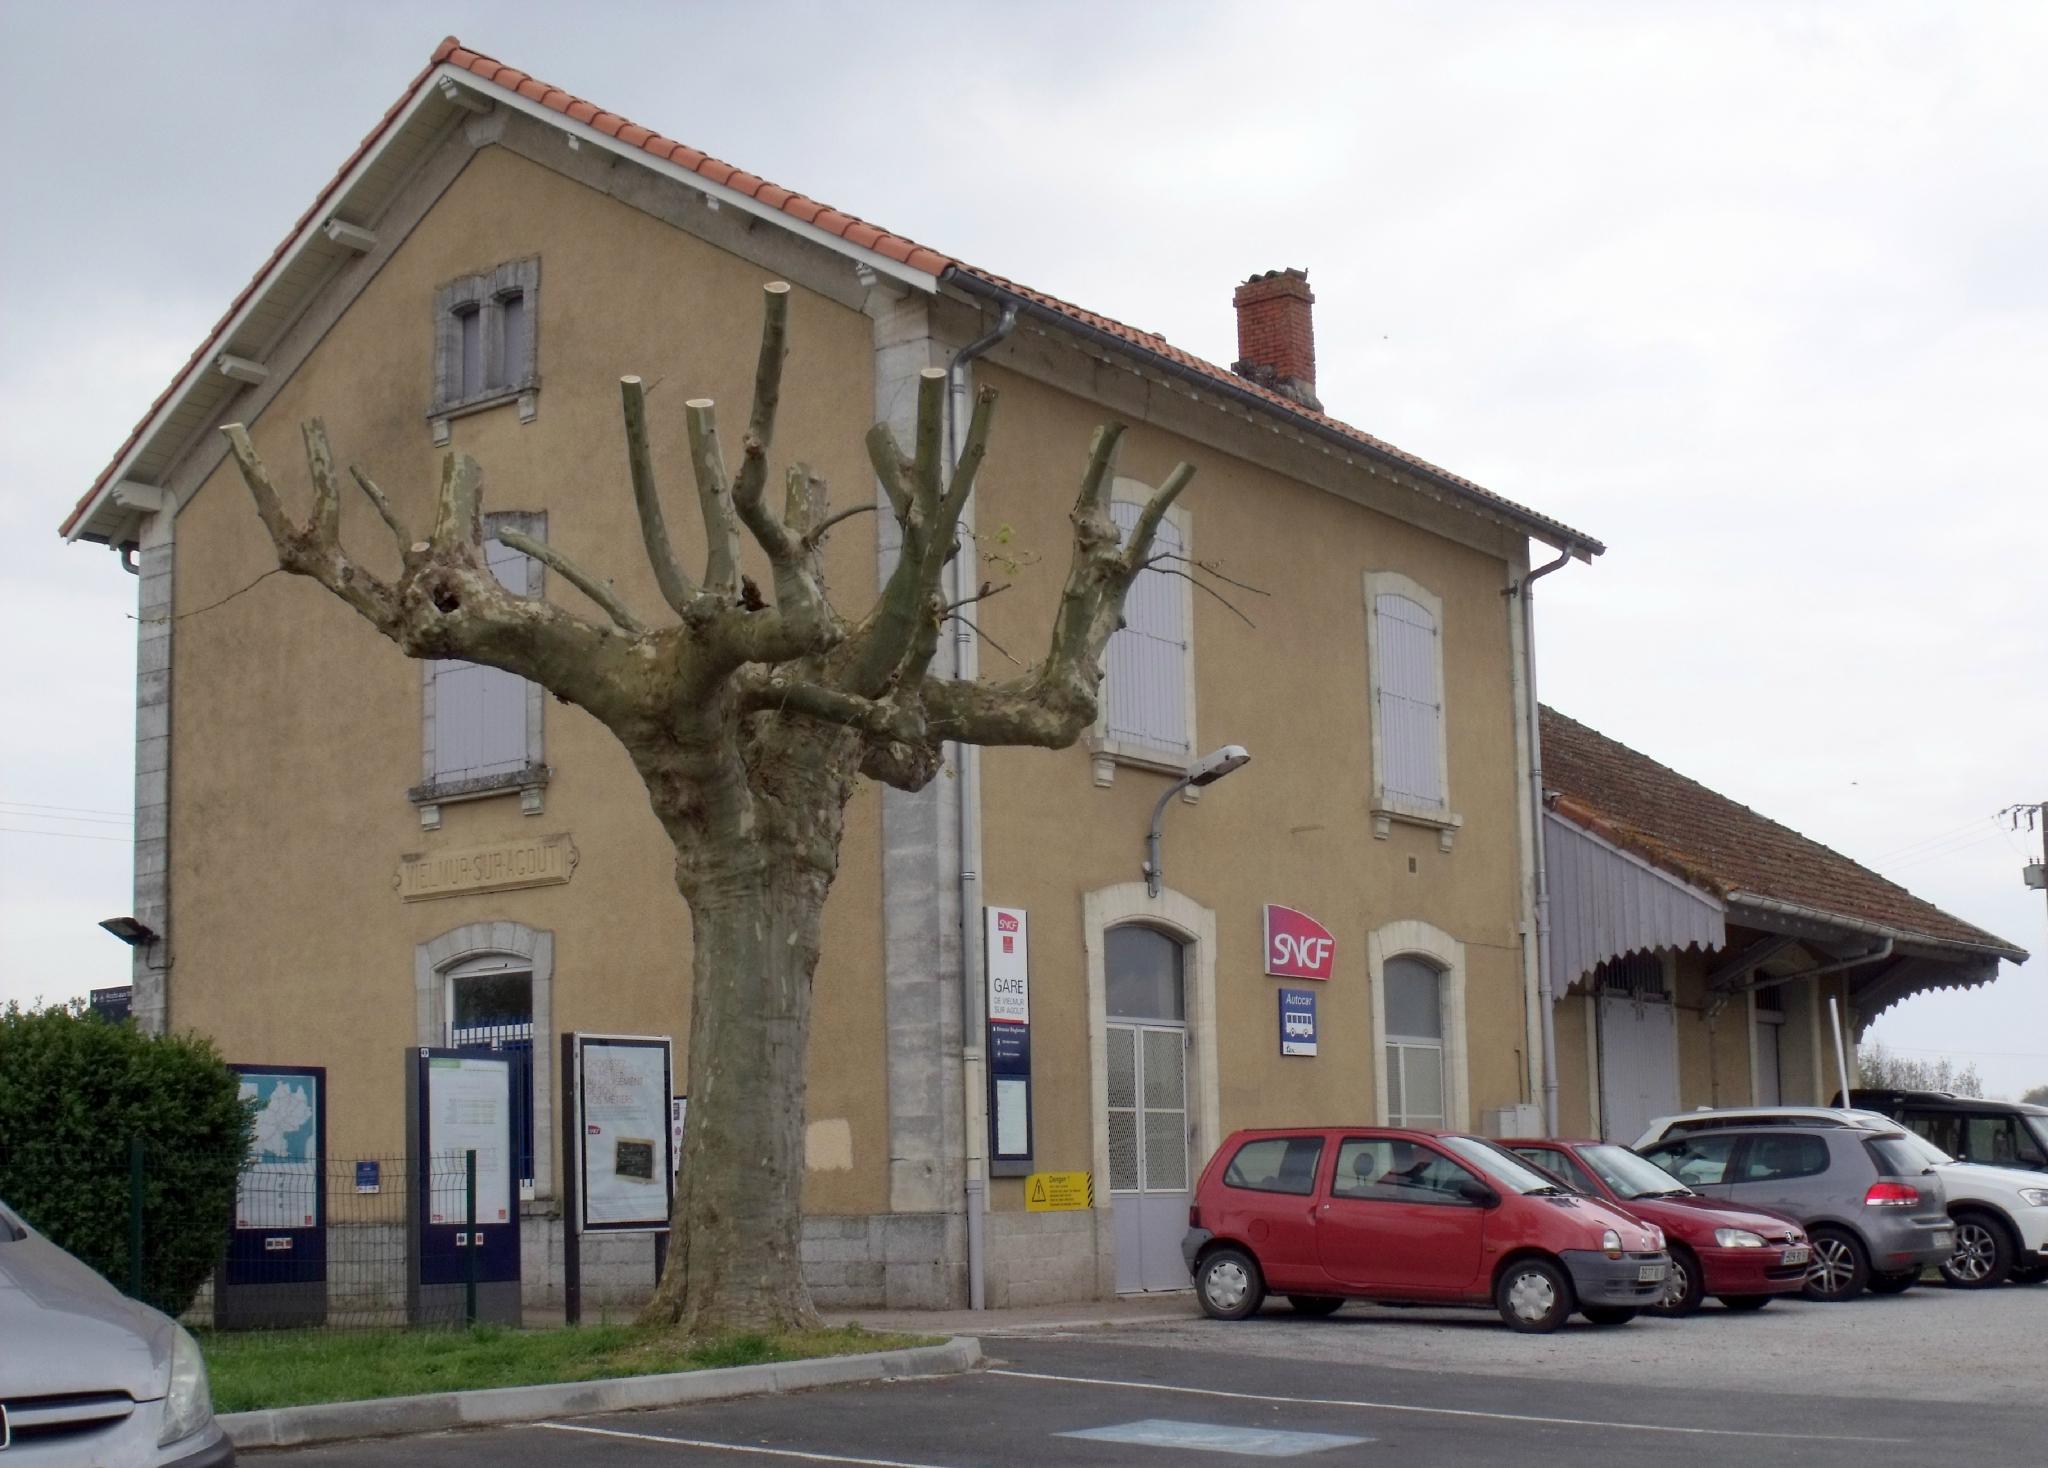 Vielmur-sur-Agout (Tarn - 81) 1